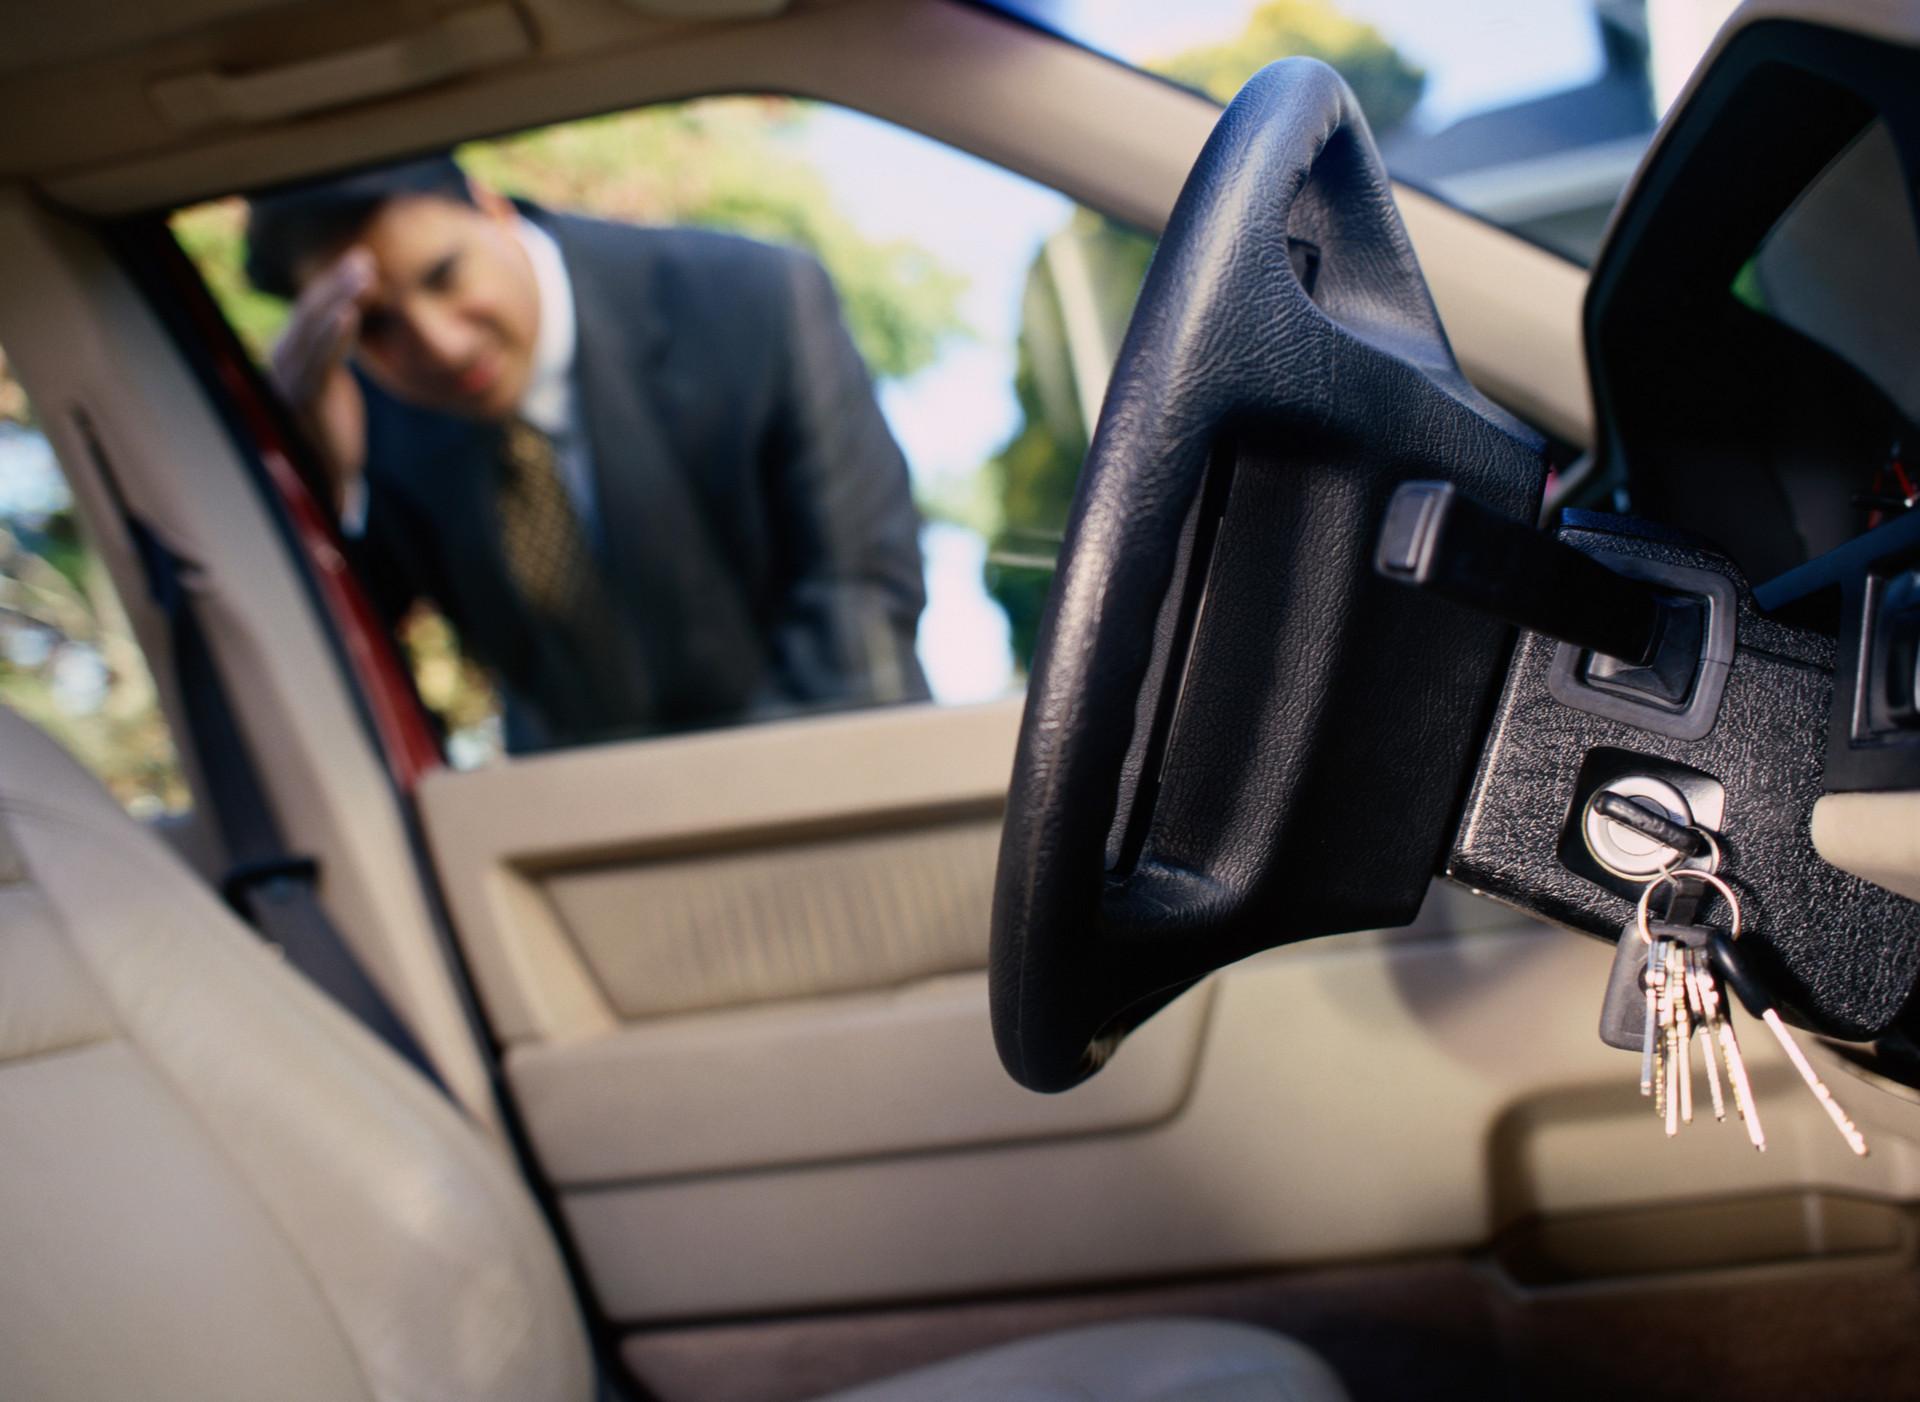 Как открыть машину без ключа и снять с охраны без пульта